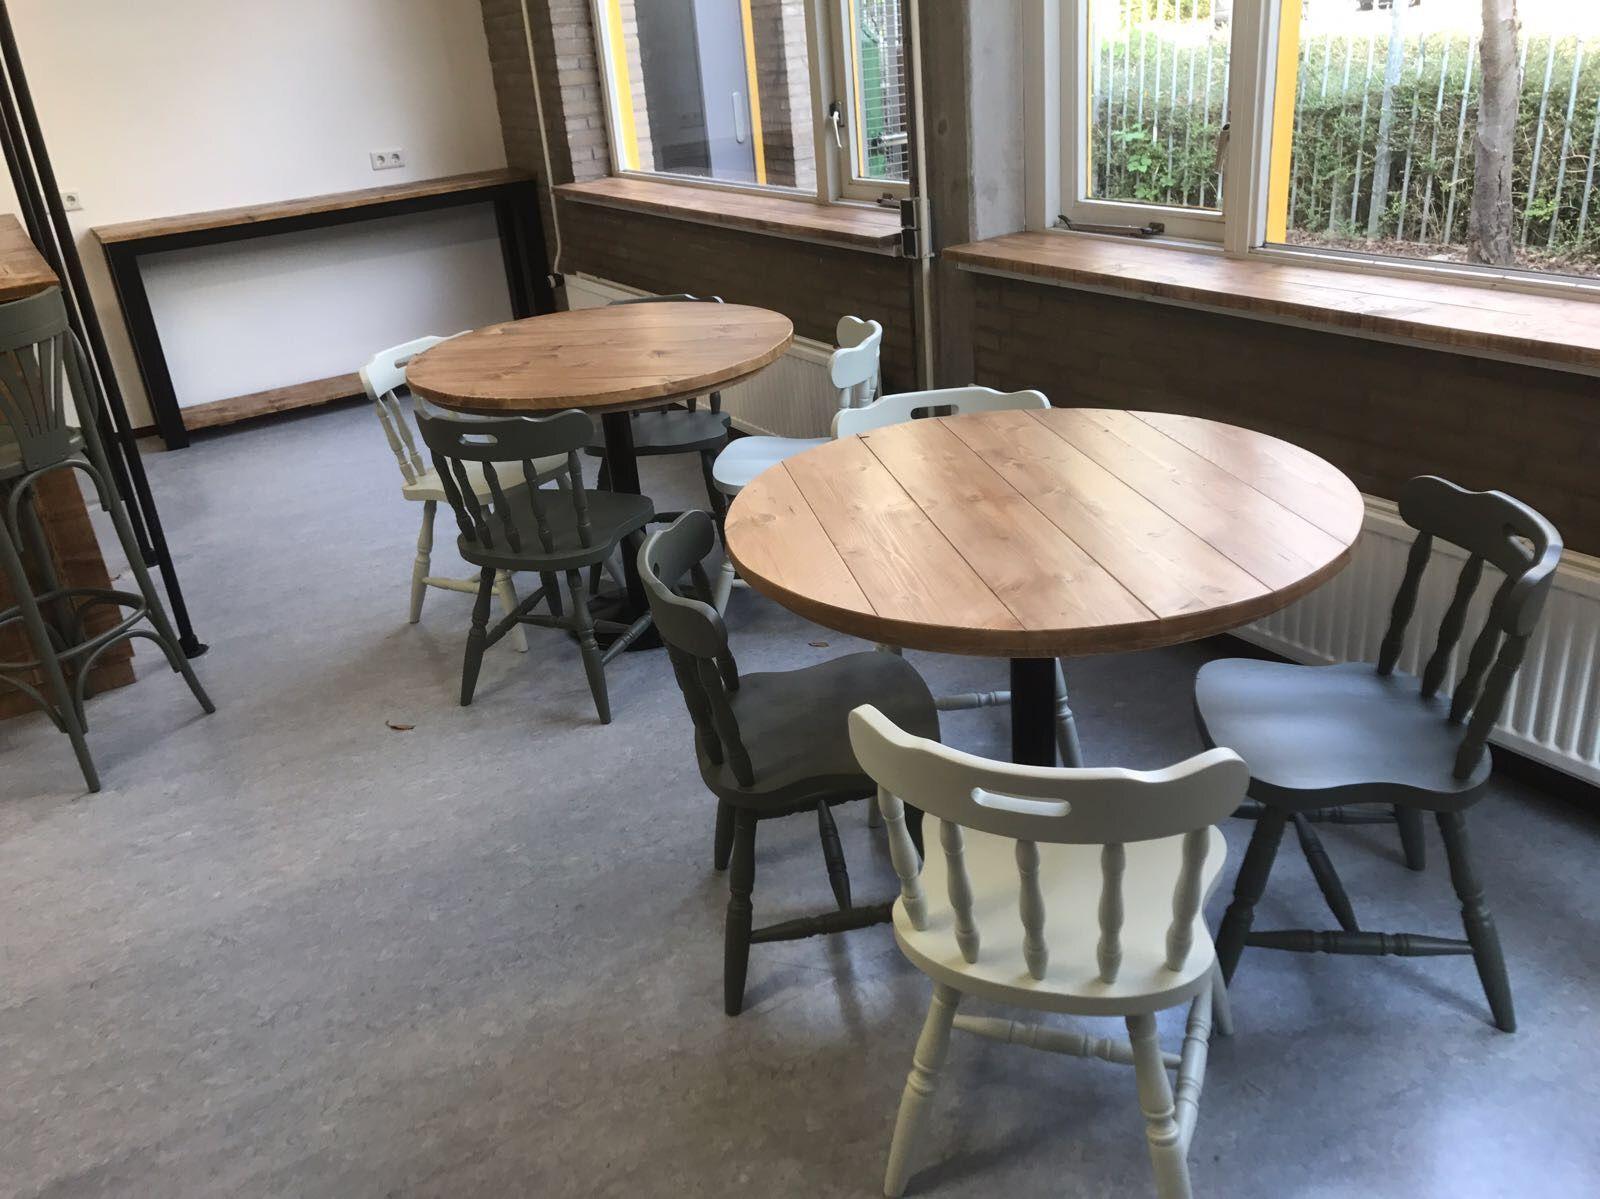 Ronde Tafel Steigerhout : Ronde tafel steigerhout en zwart metalen voet tafels oud is nieuw